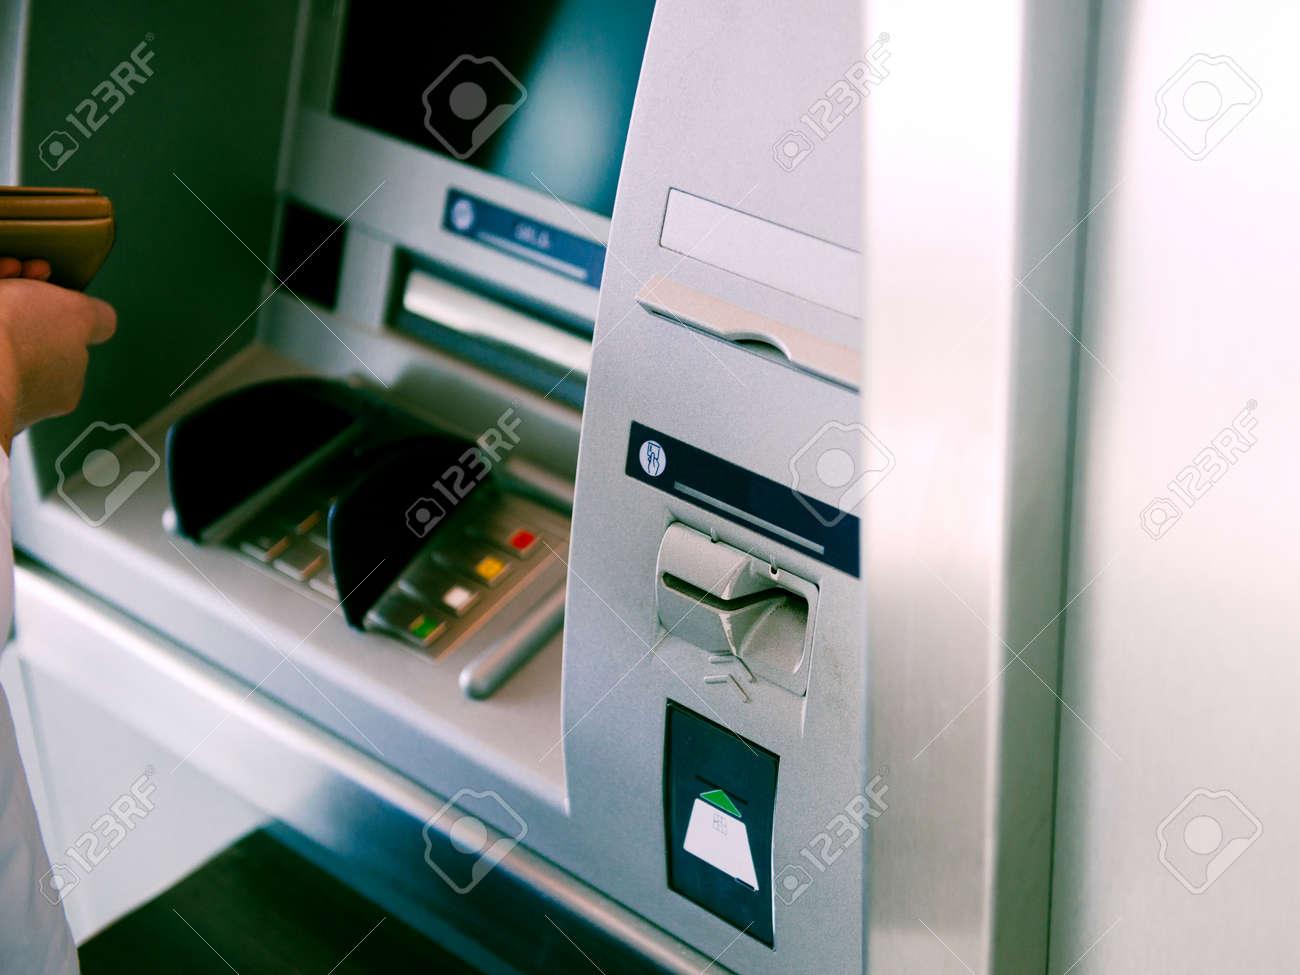 ATM自動テラー機の現金自動預け払い機を使用してセキュリティPINを入力 ...